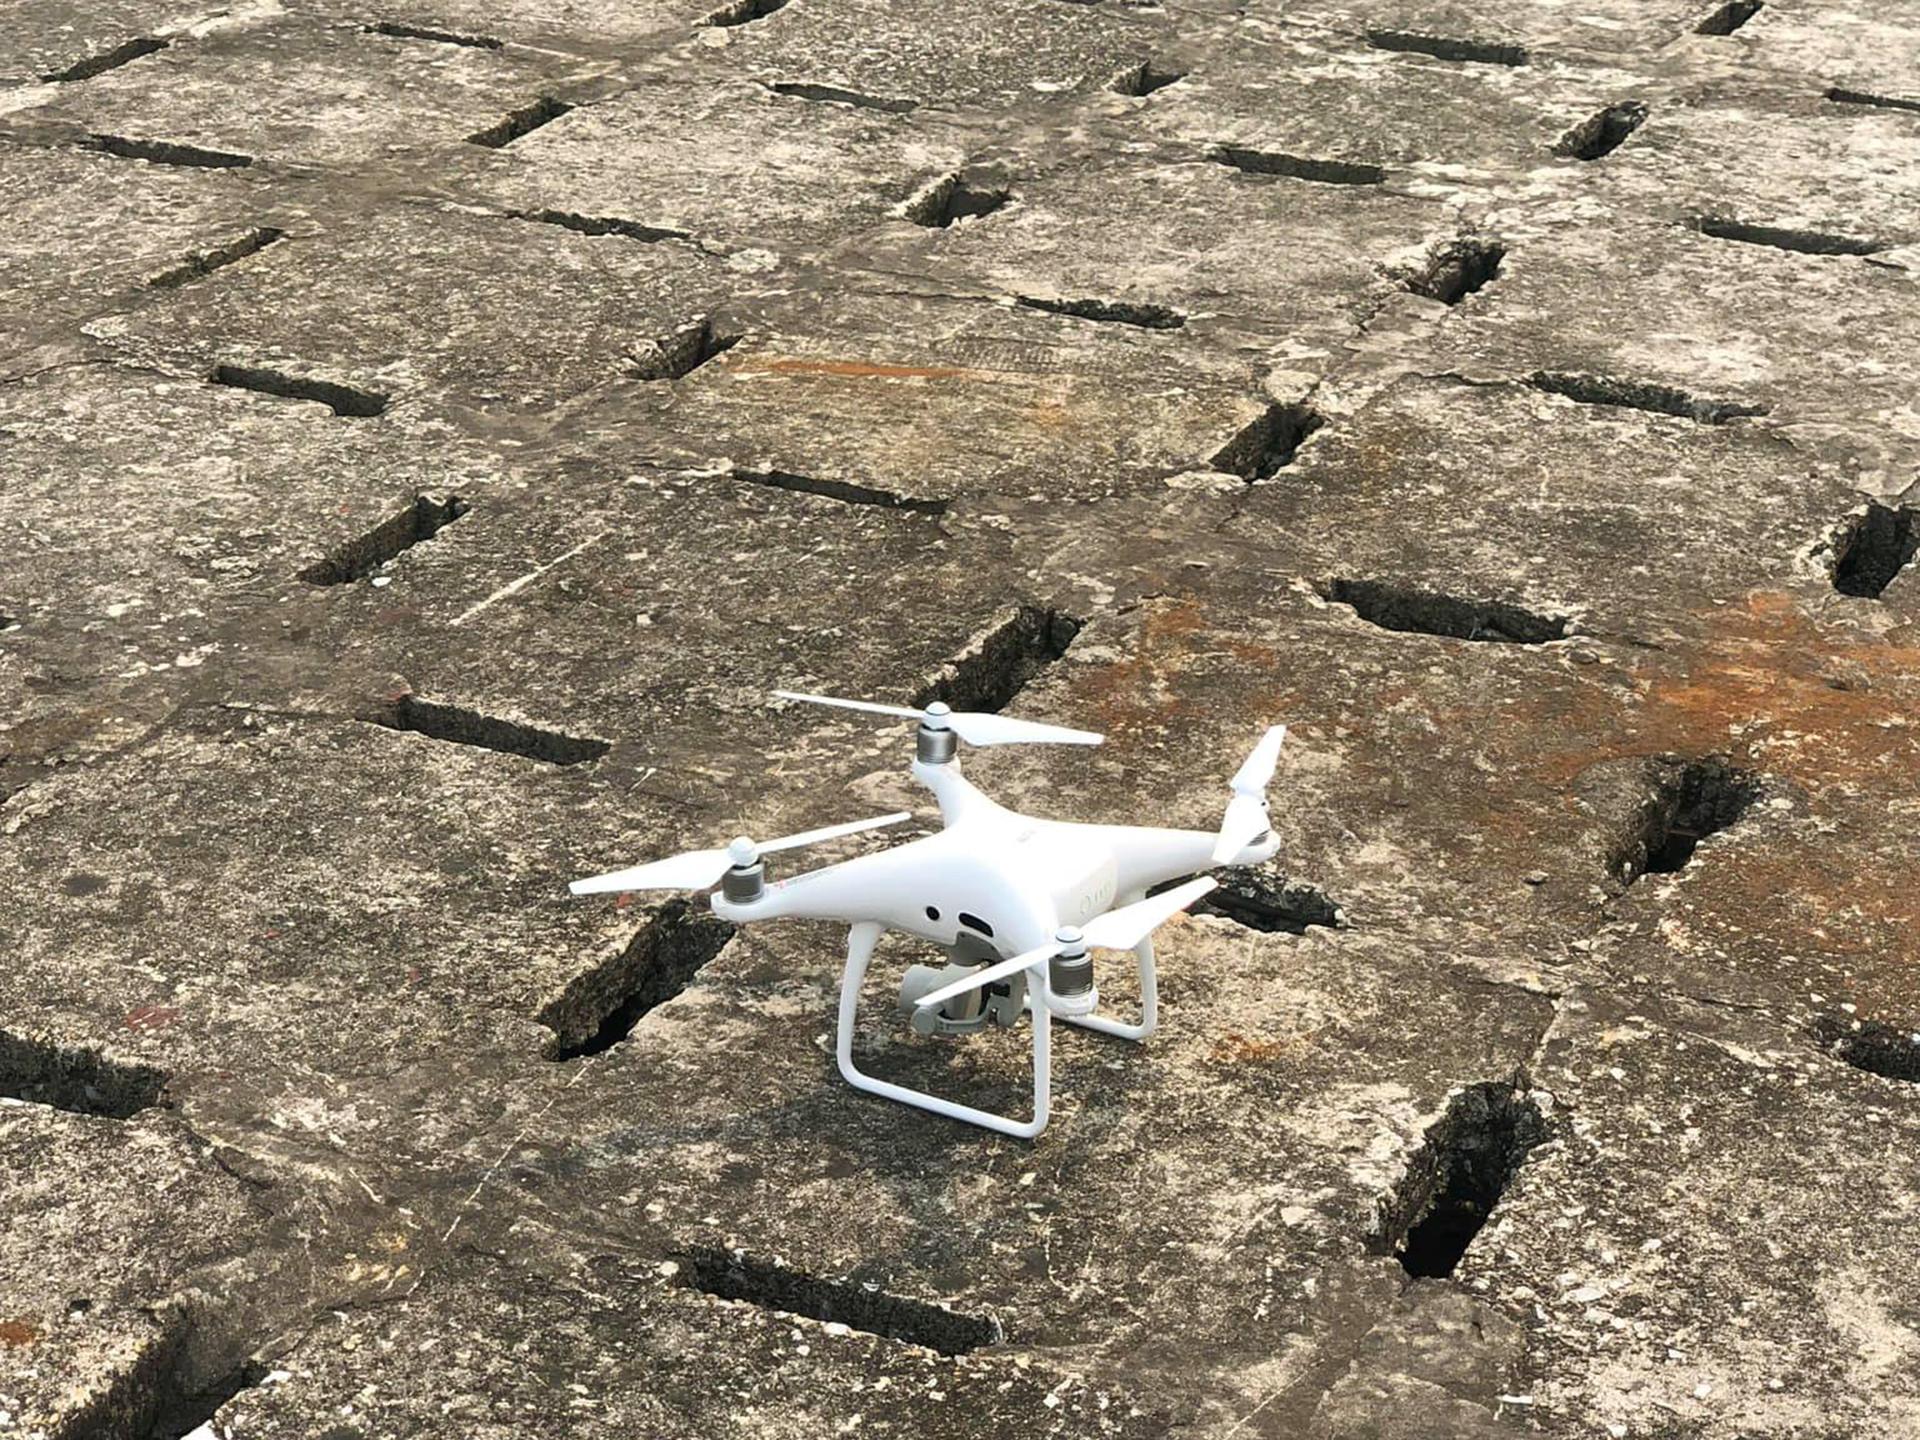 BẢO DƯỠNG DRONE ĐÚNG CÁCH NHƯ THẾ NÀO 2